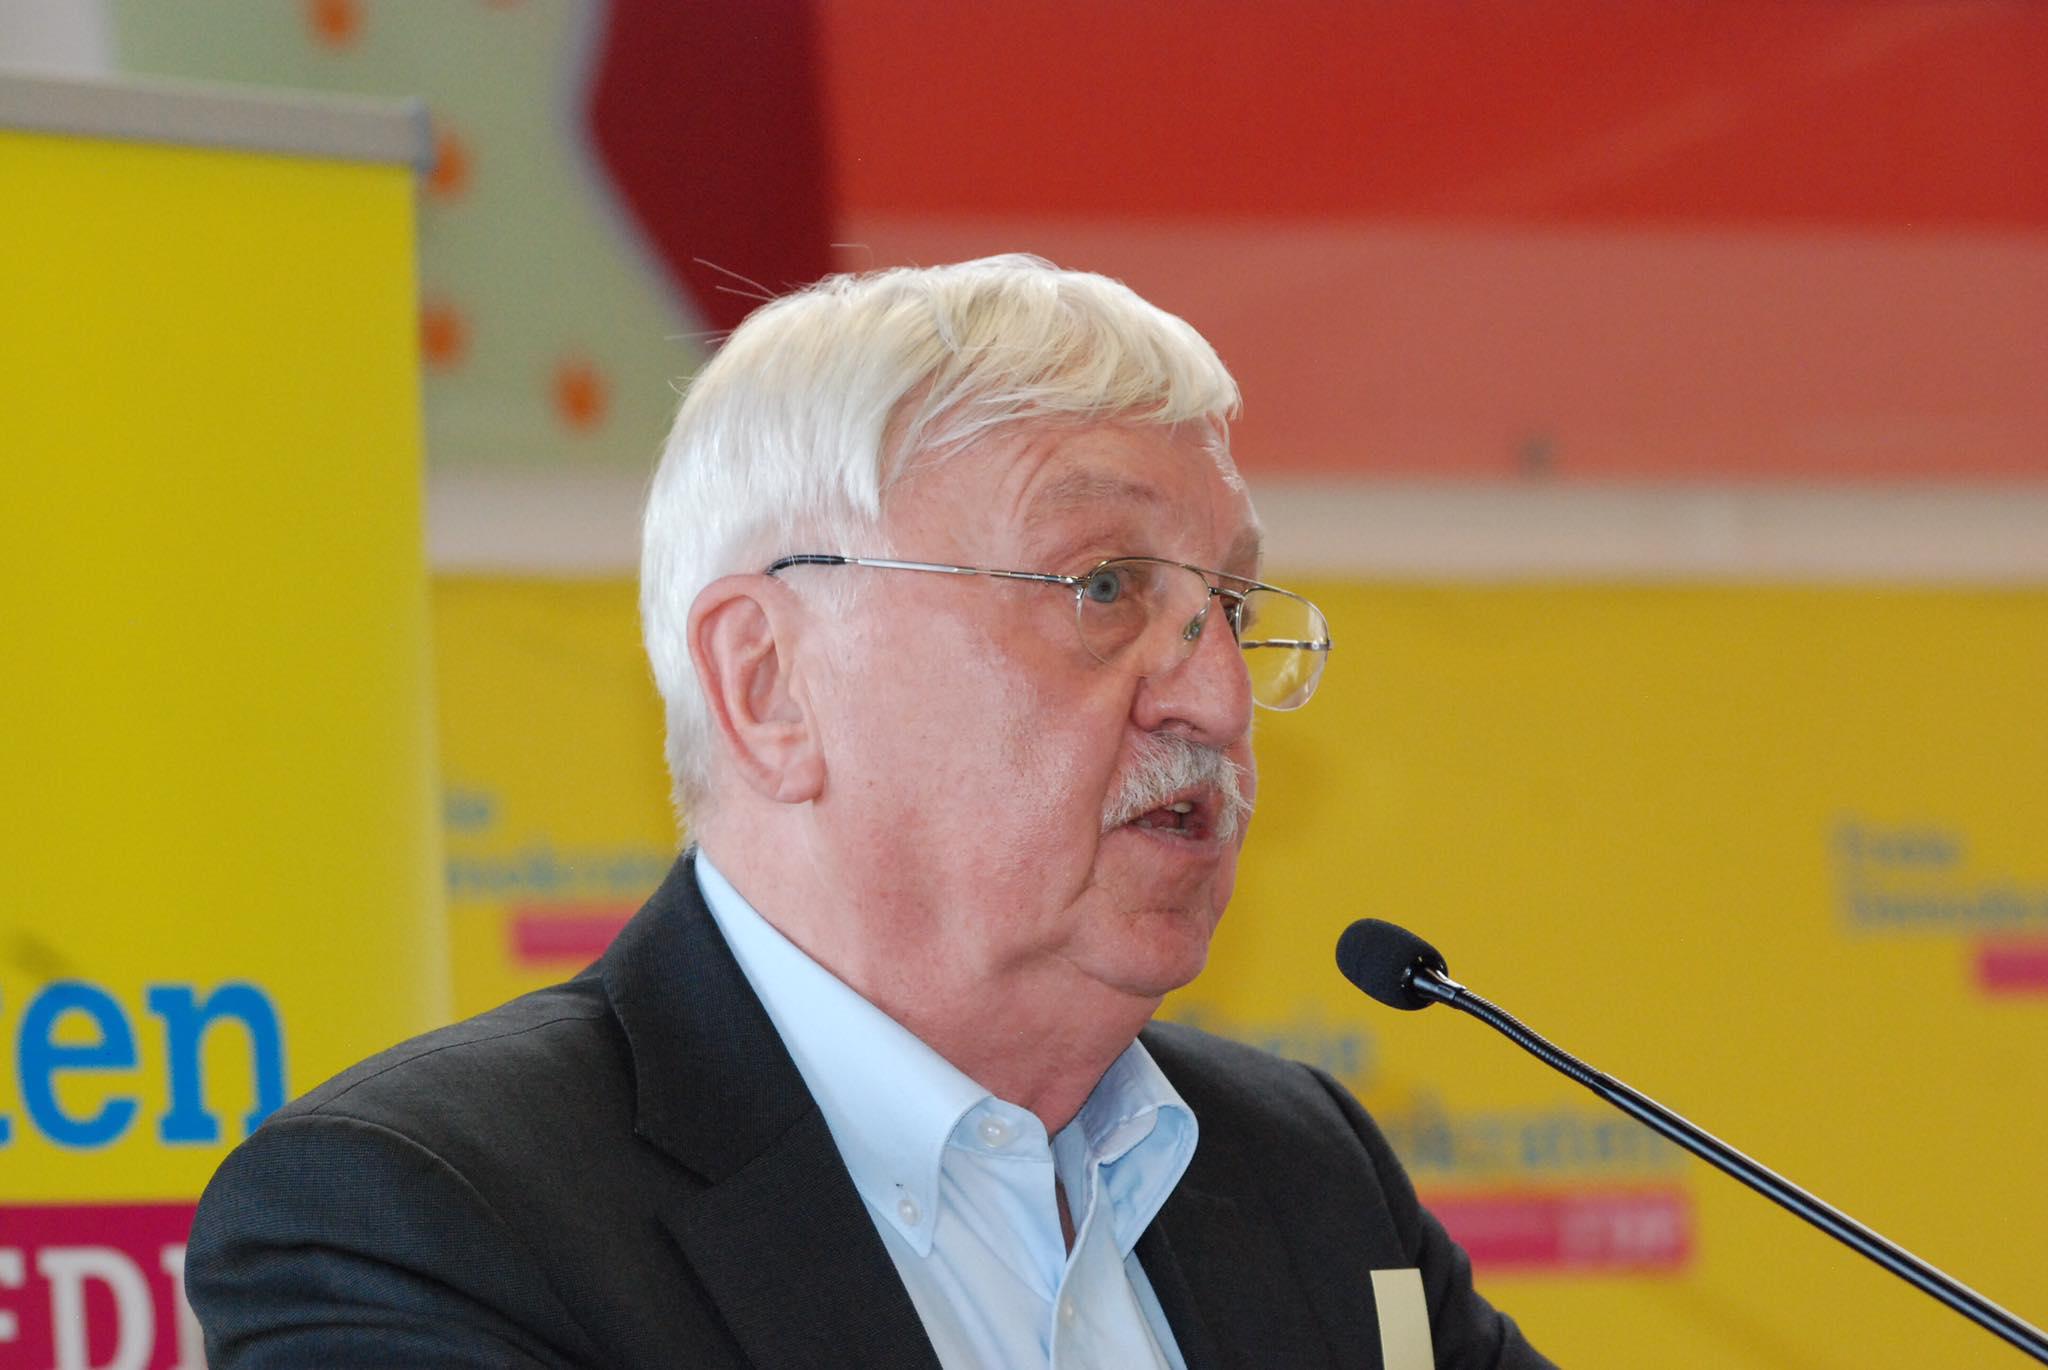 Jürgen Creutzmann, Schatzmeister FDP Rheinland-Pfalz